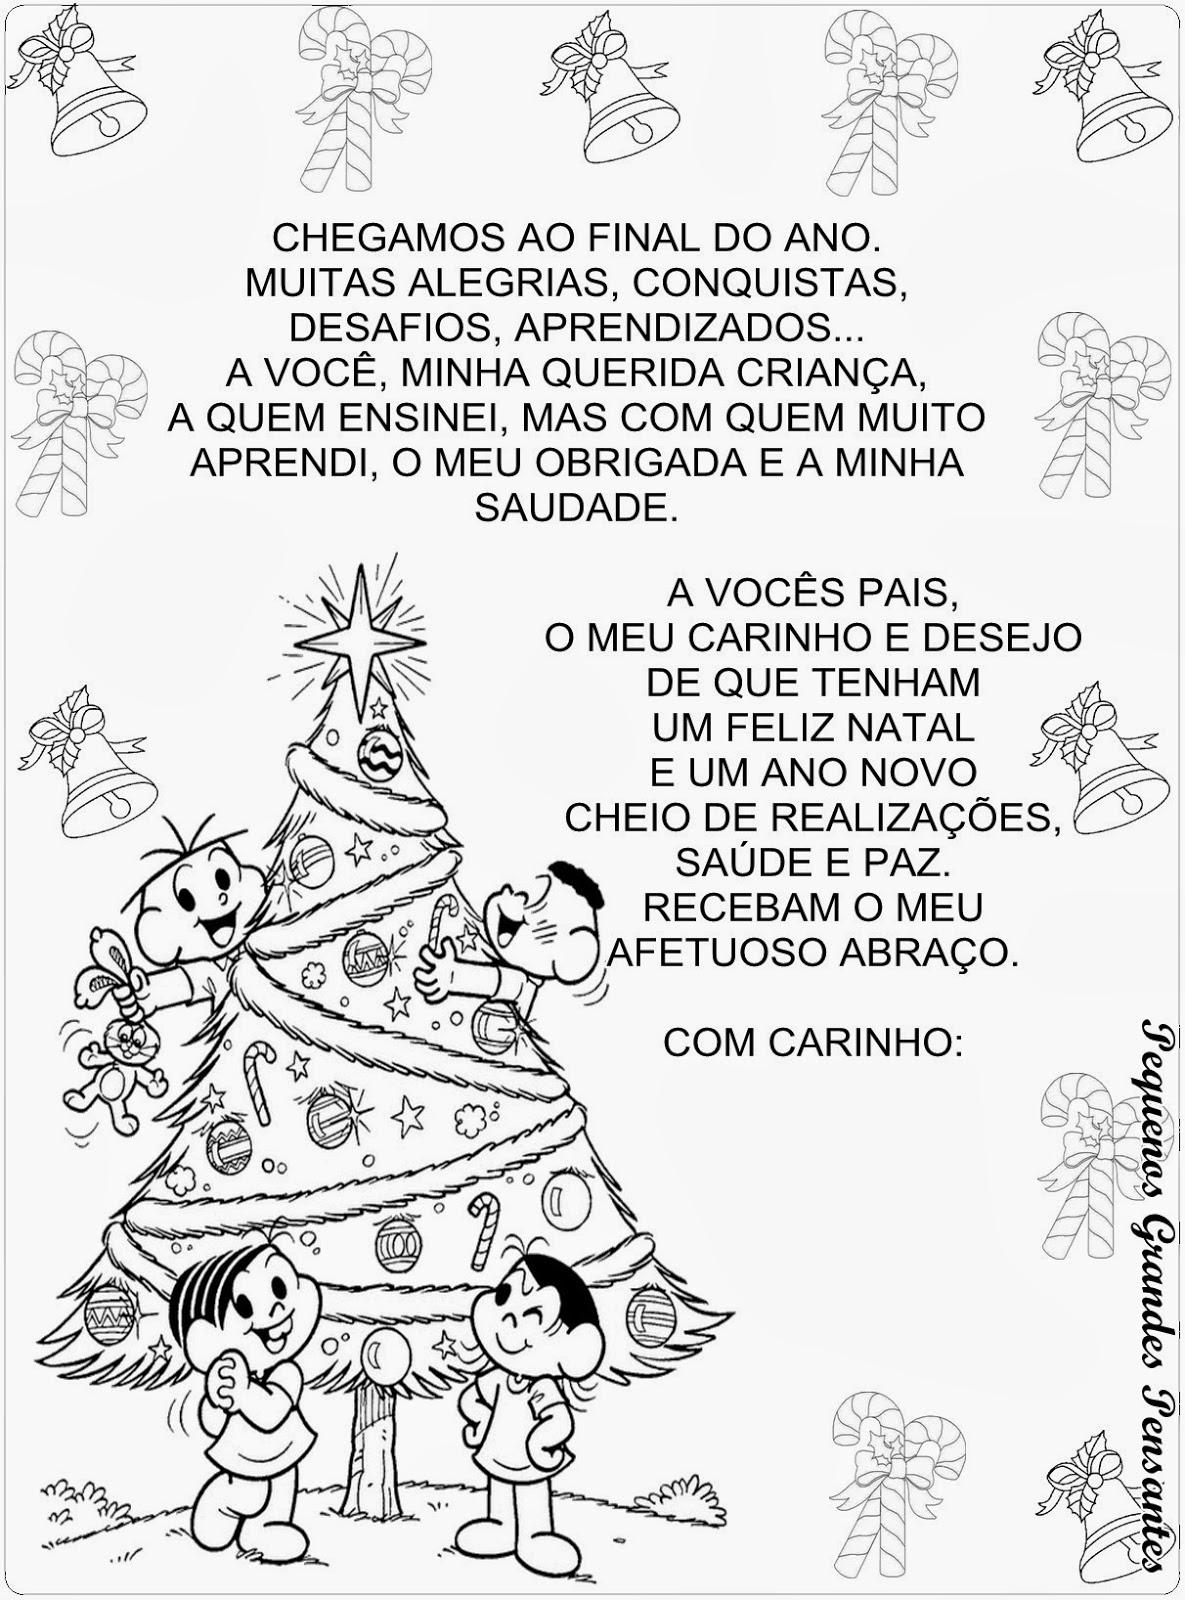 Amado Pequenos Grandes Pensantes.: Mensagem de Natal - Educação Infantil BL99